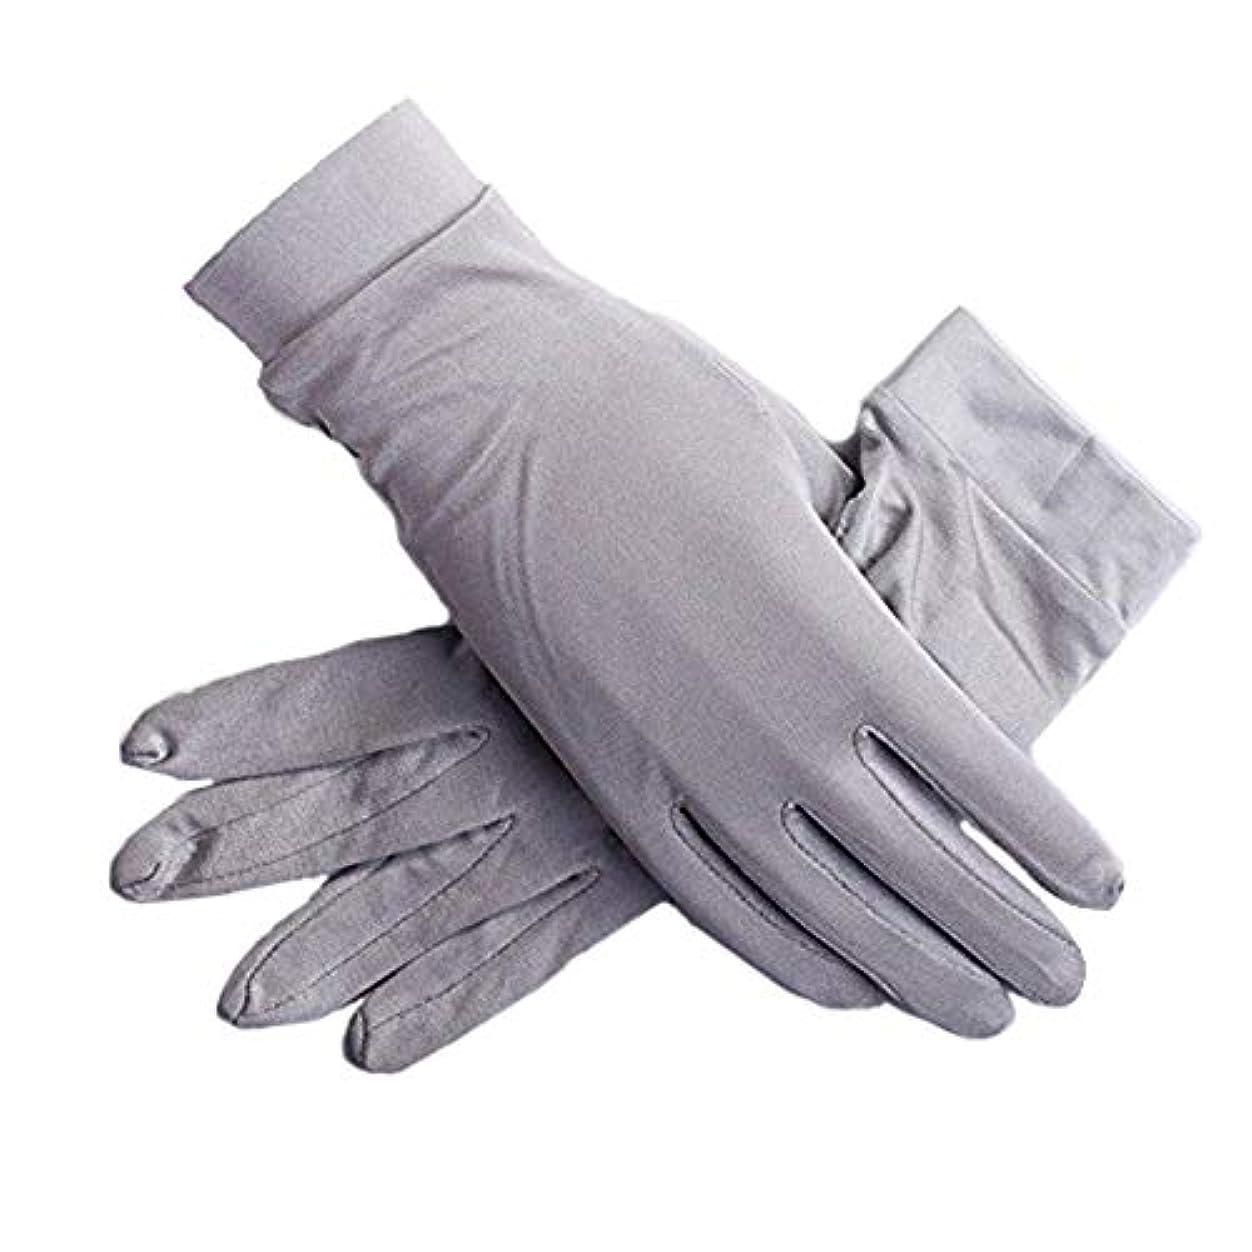 その間フェンス散るメンズ シルク手袋 手袋 シルク おやすみ 手触り夏 ハンド ケア レディース日焼け防止 が良い 紫外線 保湿